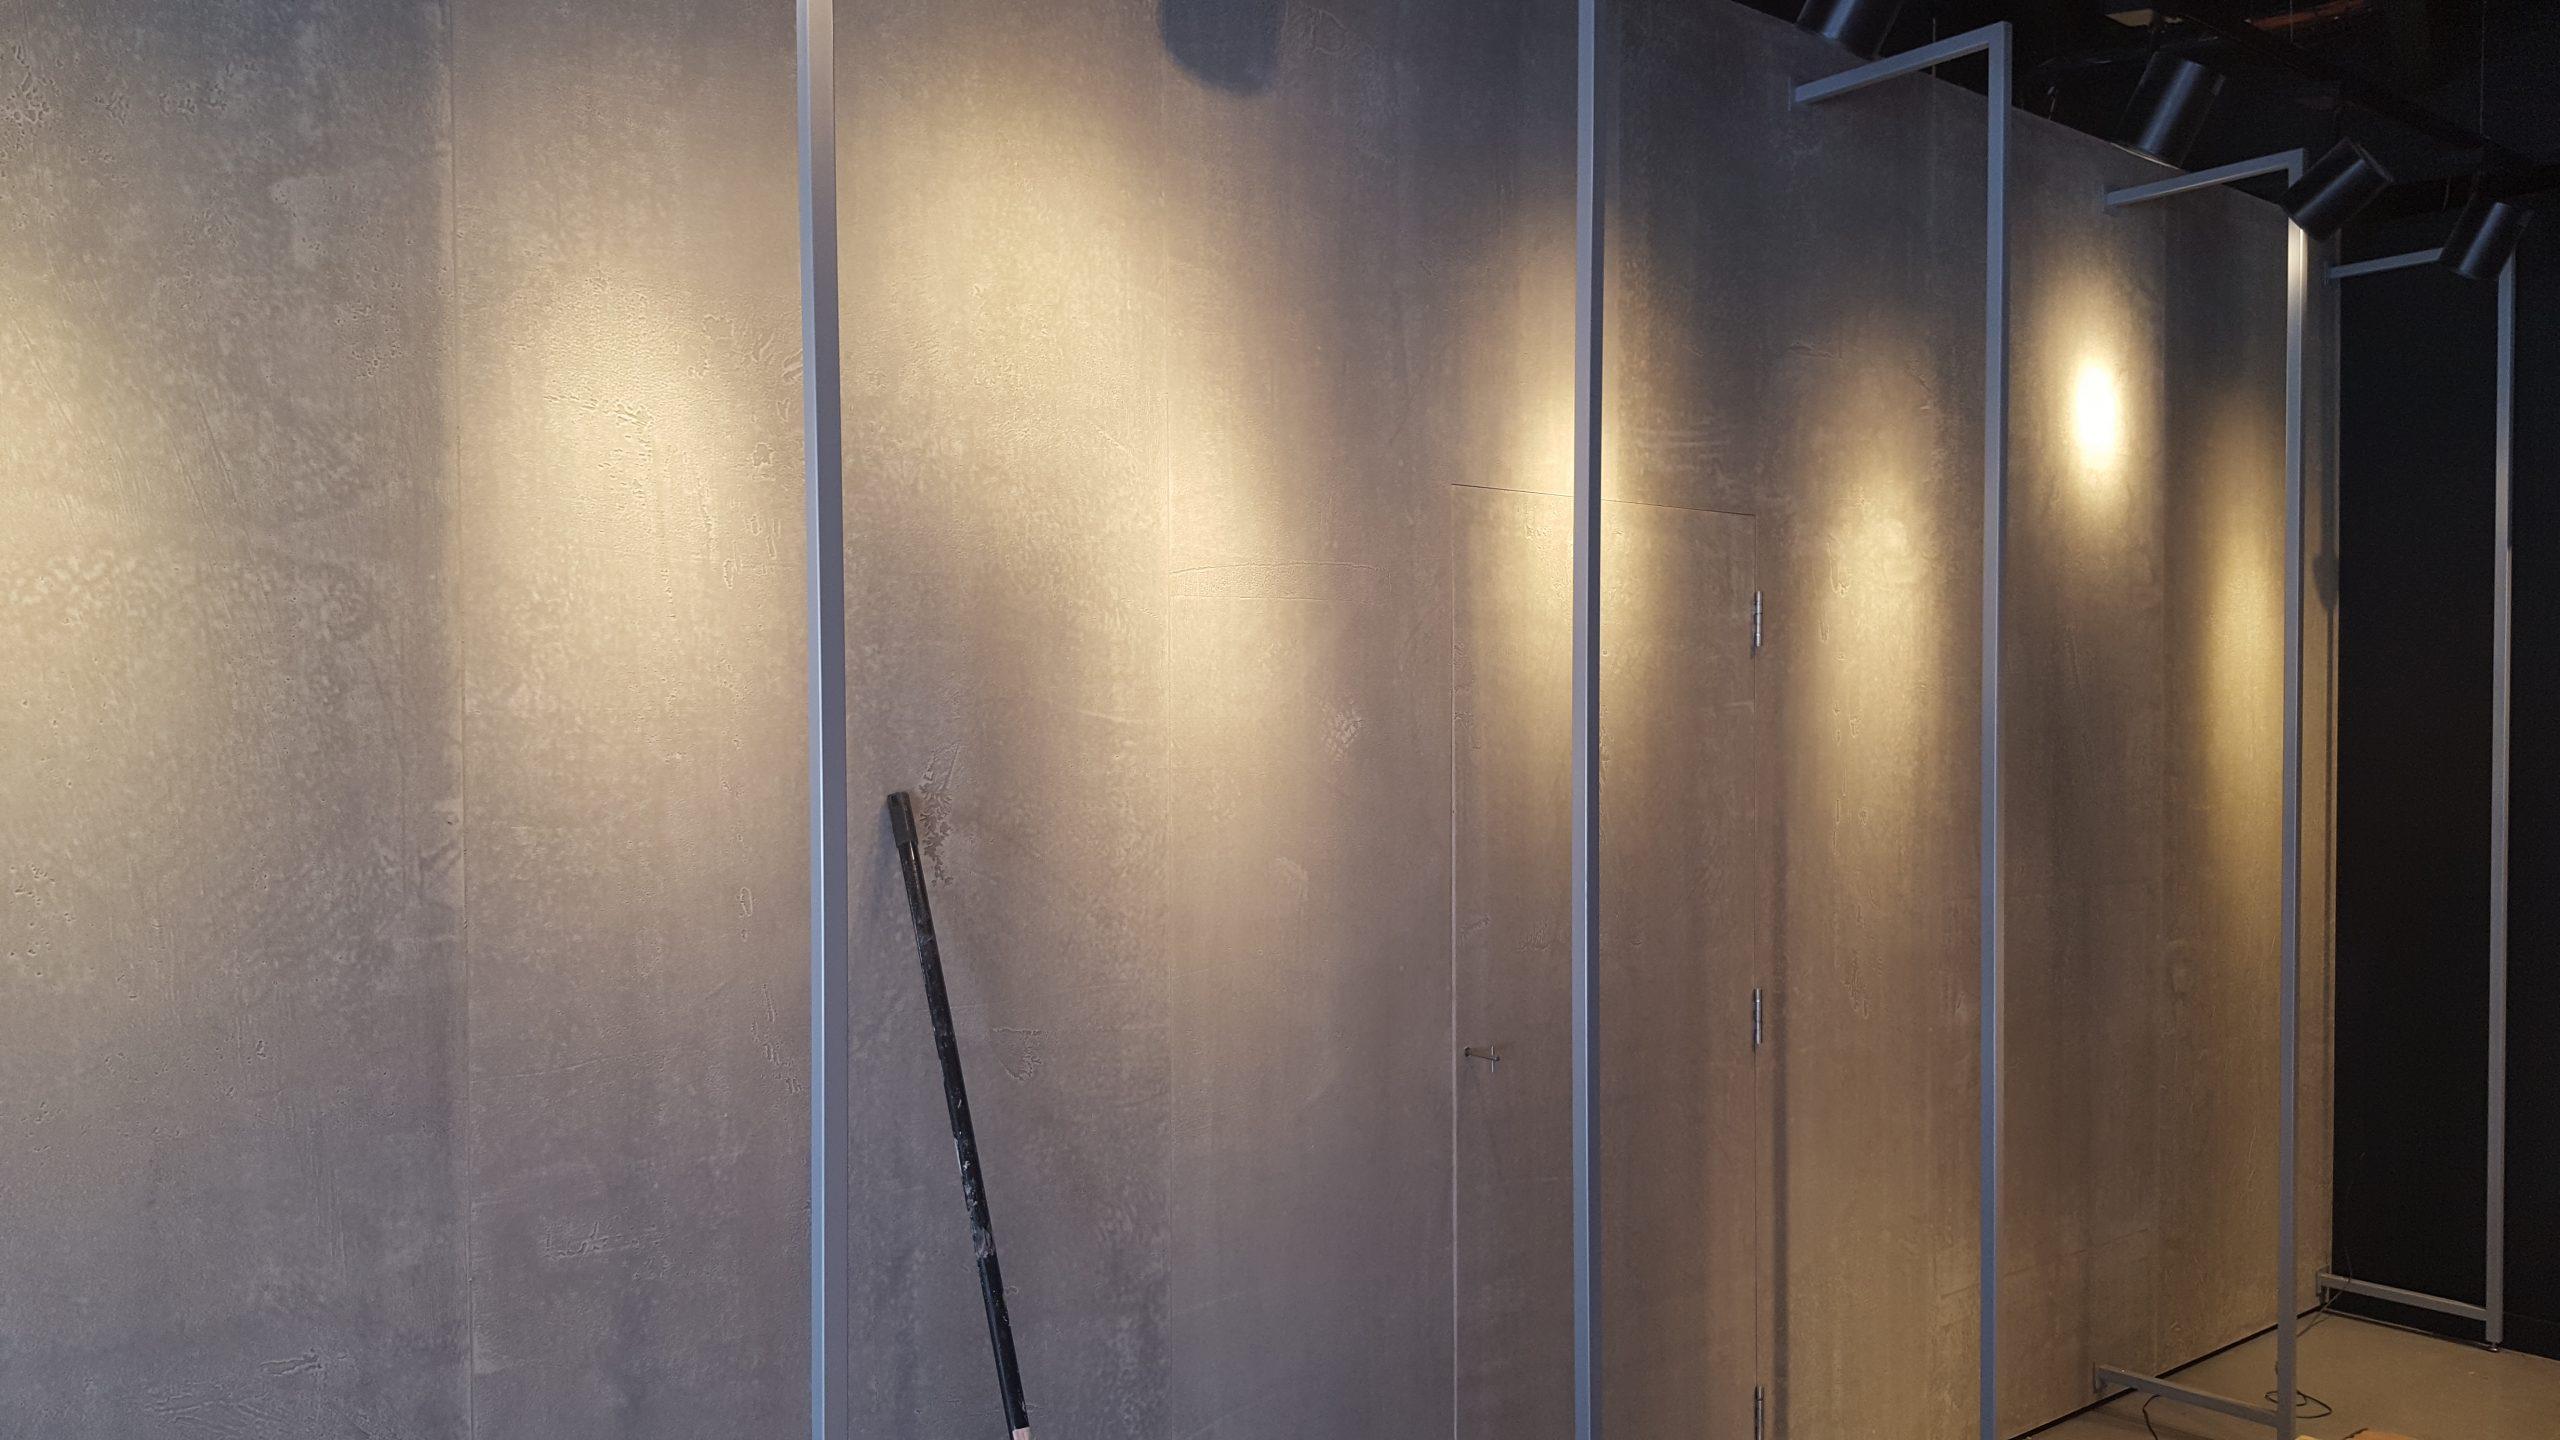 Grace & Favour Commercial Interior Retail Design